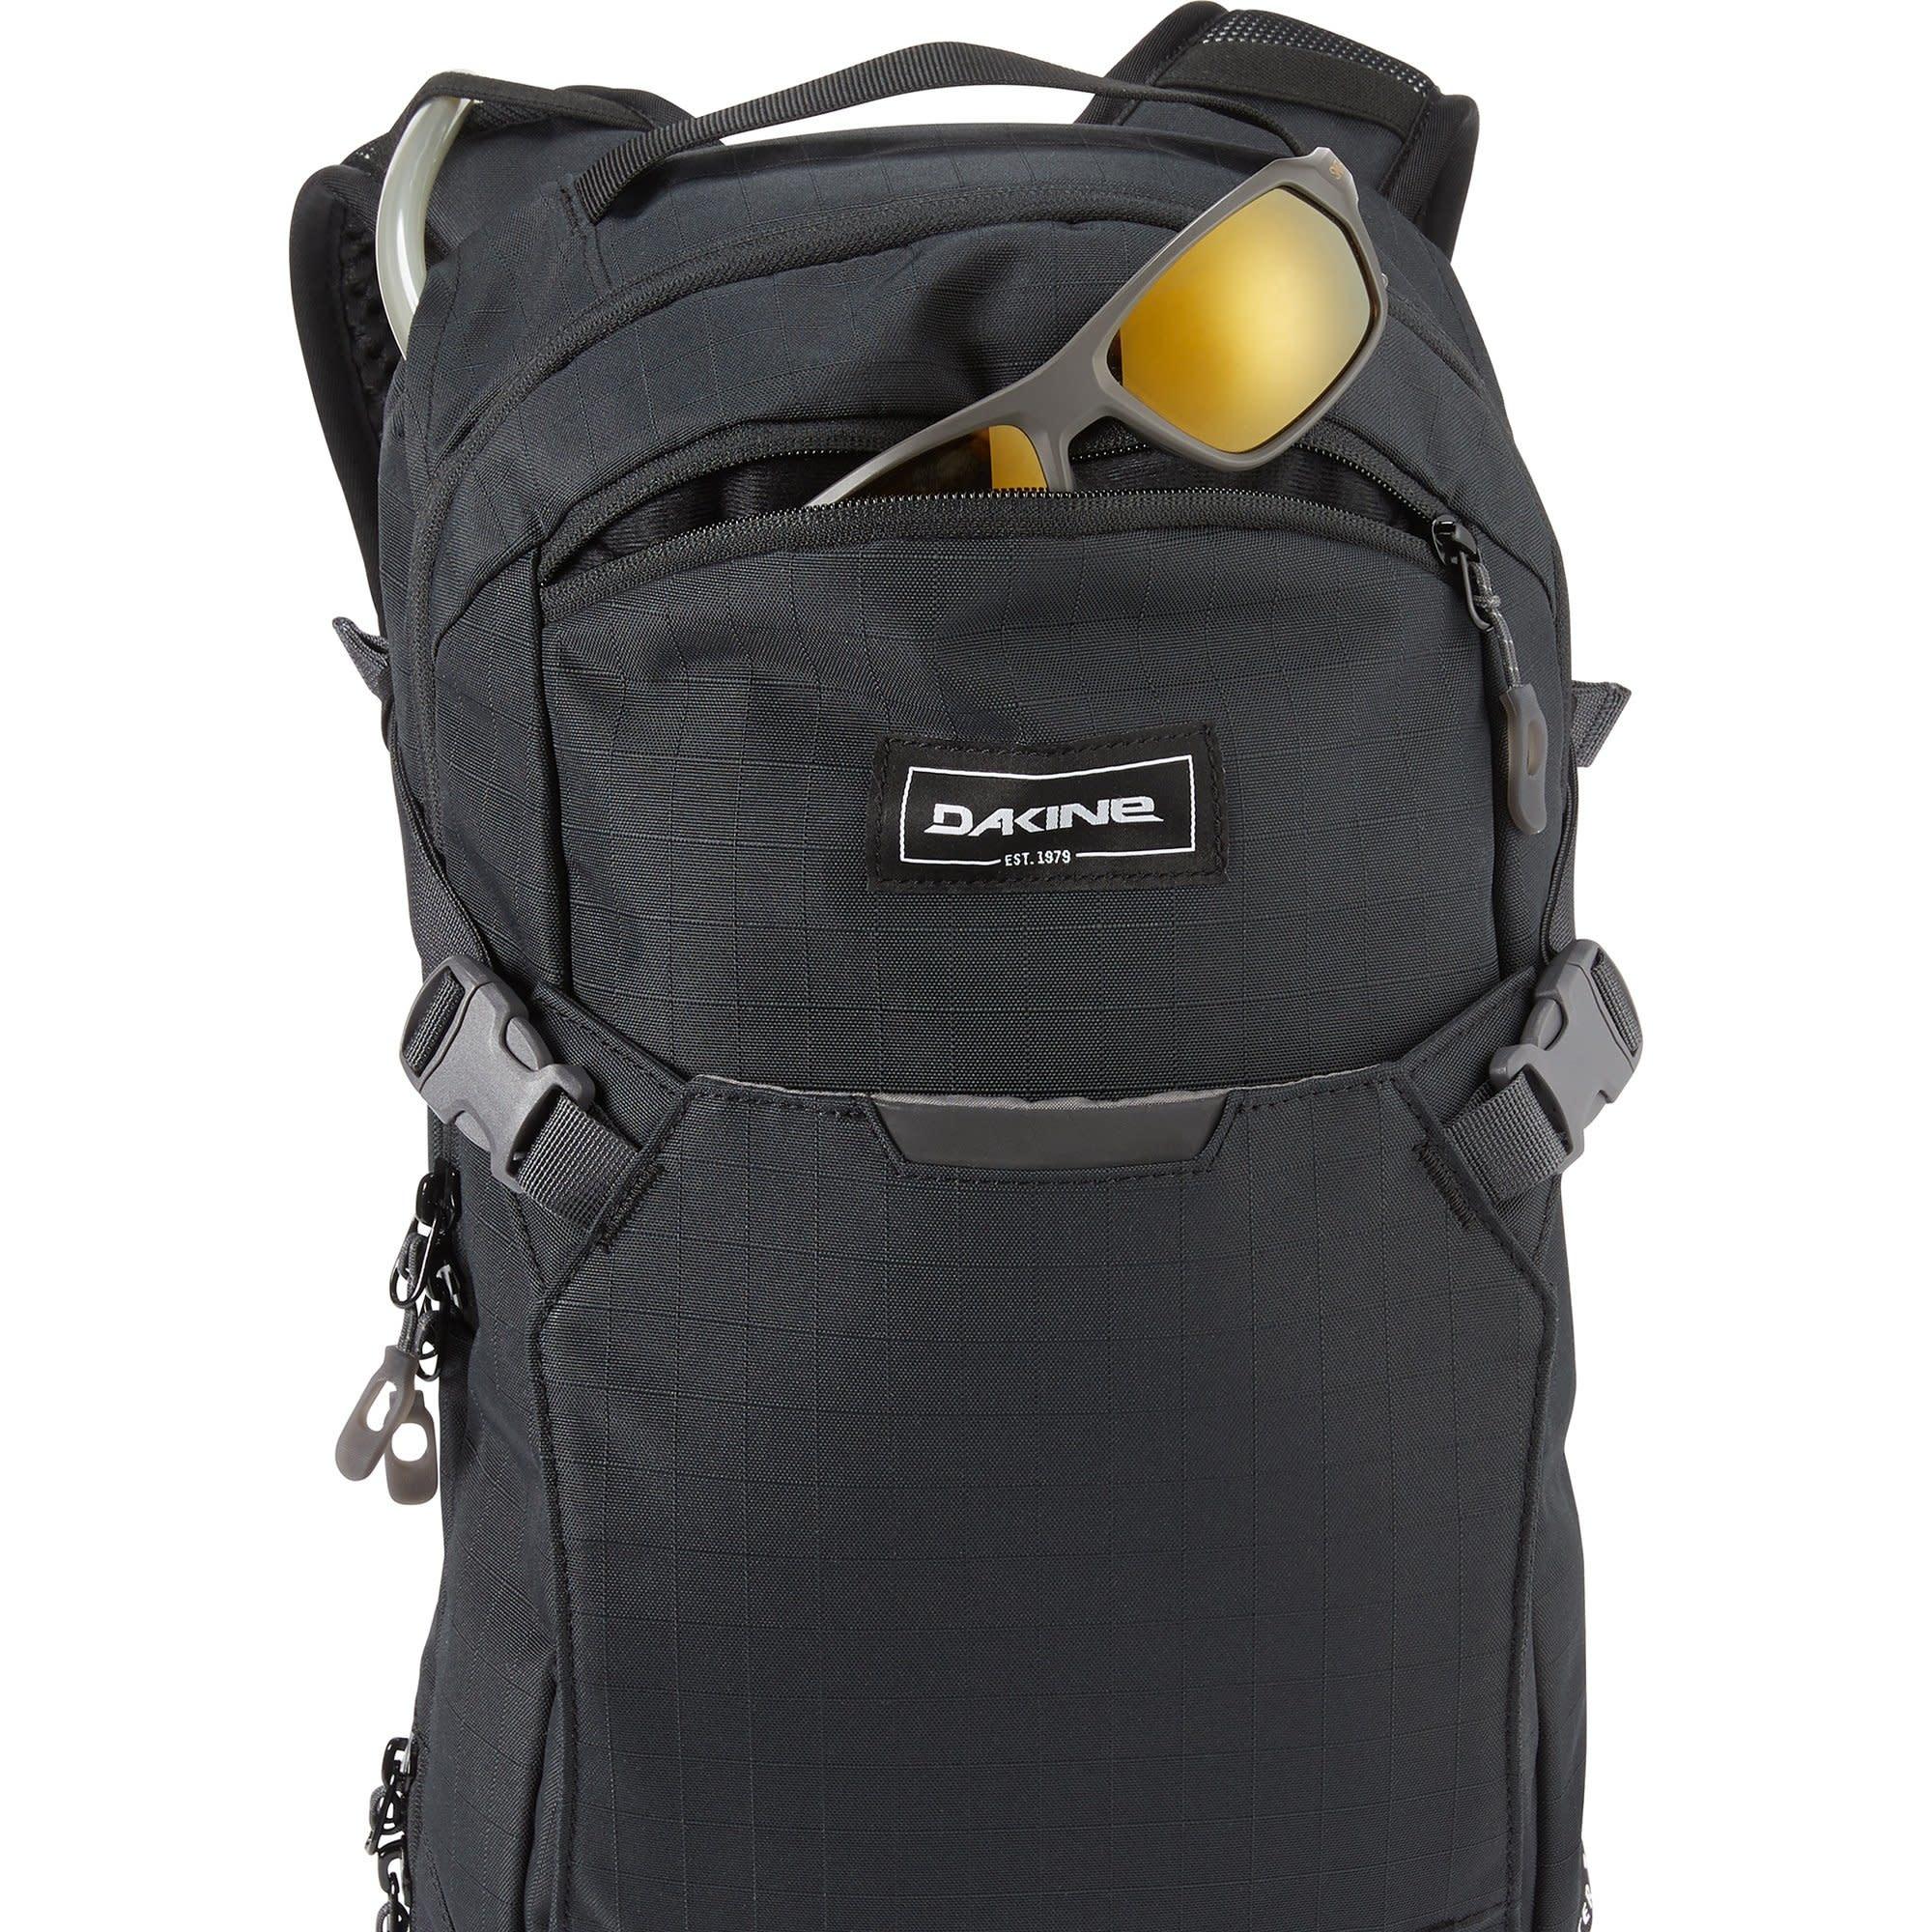 Dakine Dakine Drafter 14L Hydration Backpack